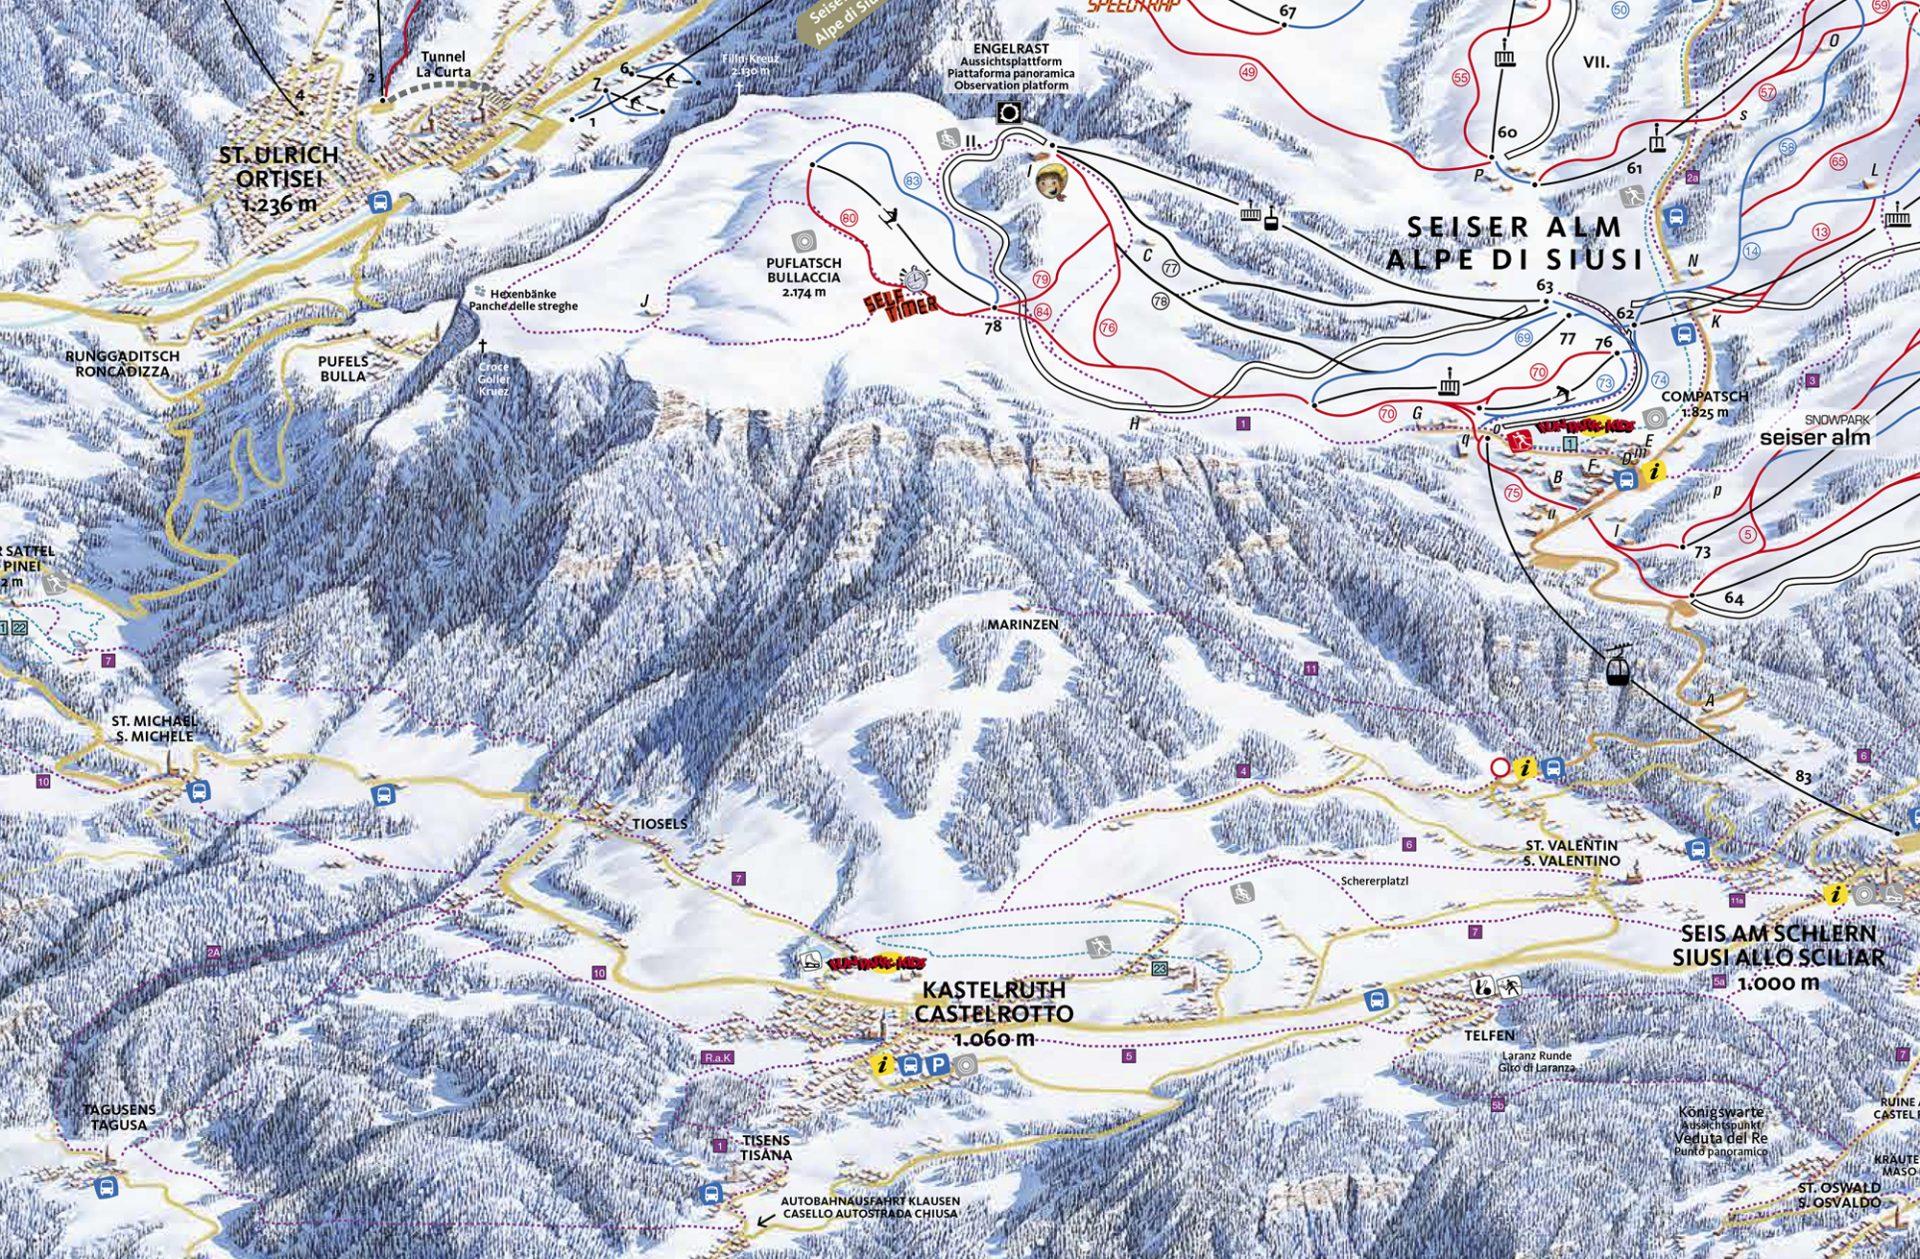 skikarte seiser alm